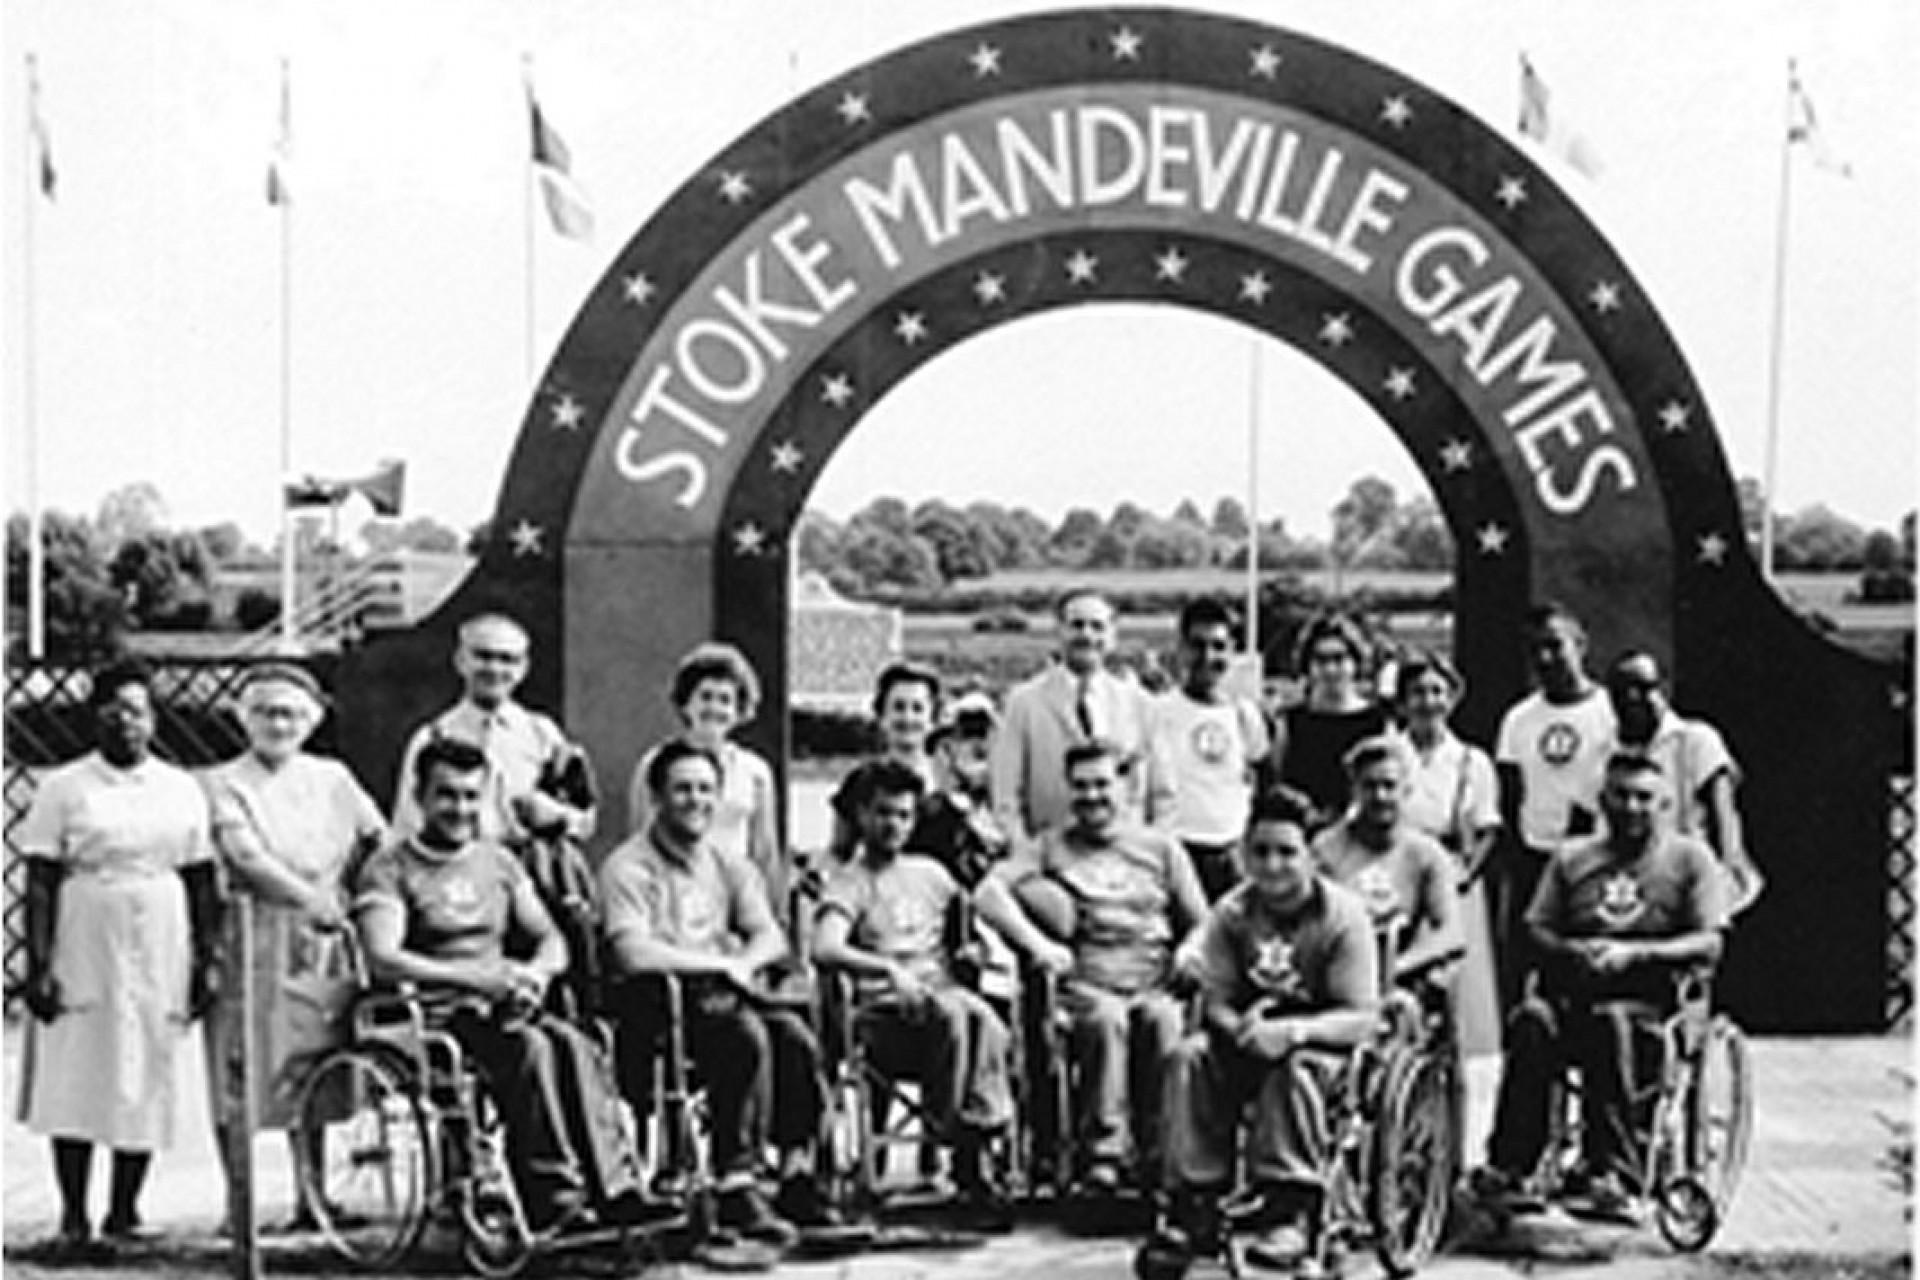 Em 1959, ele promoveu a 1ª Paralimpíada, em Roma, chamada de Jogos Internacionais de Stoke Mandeville.